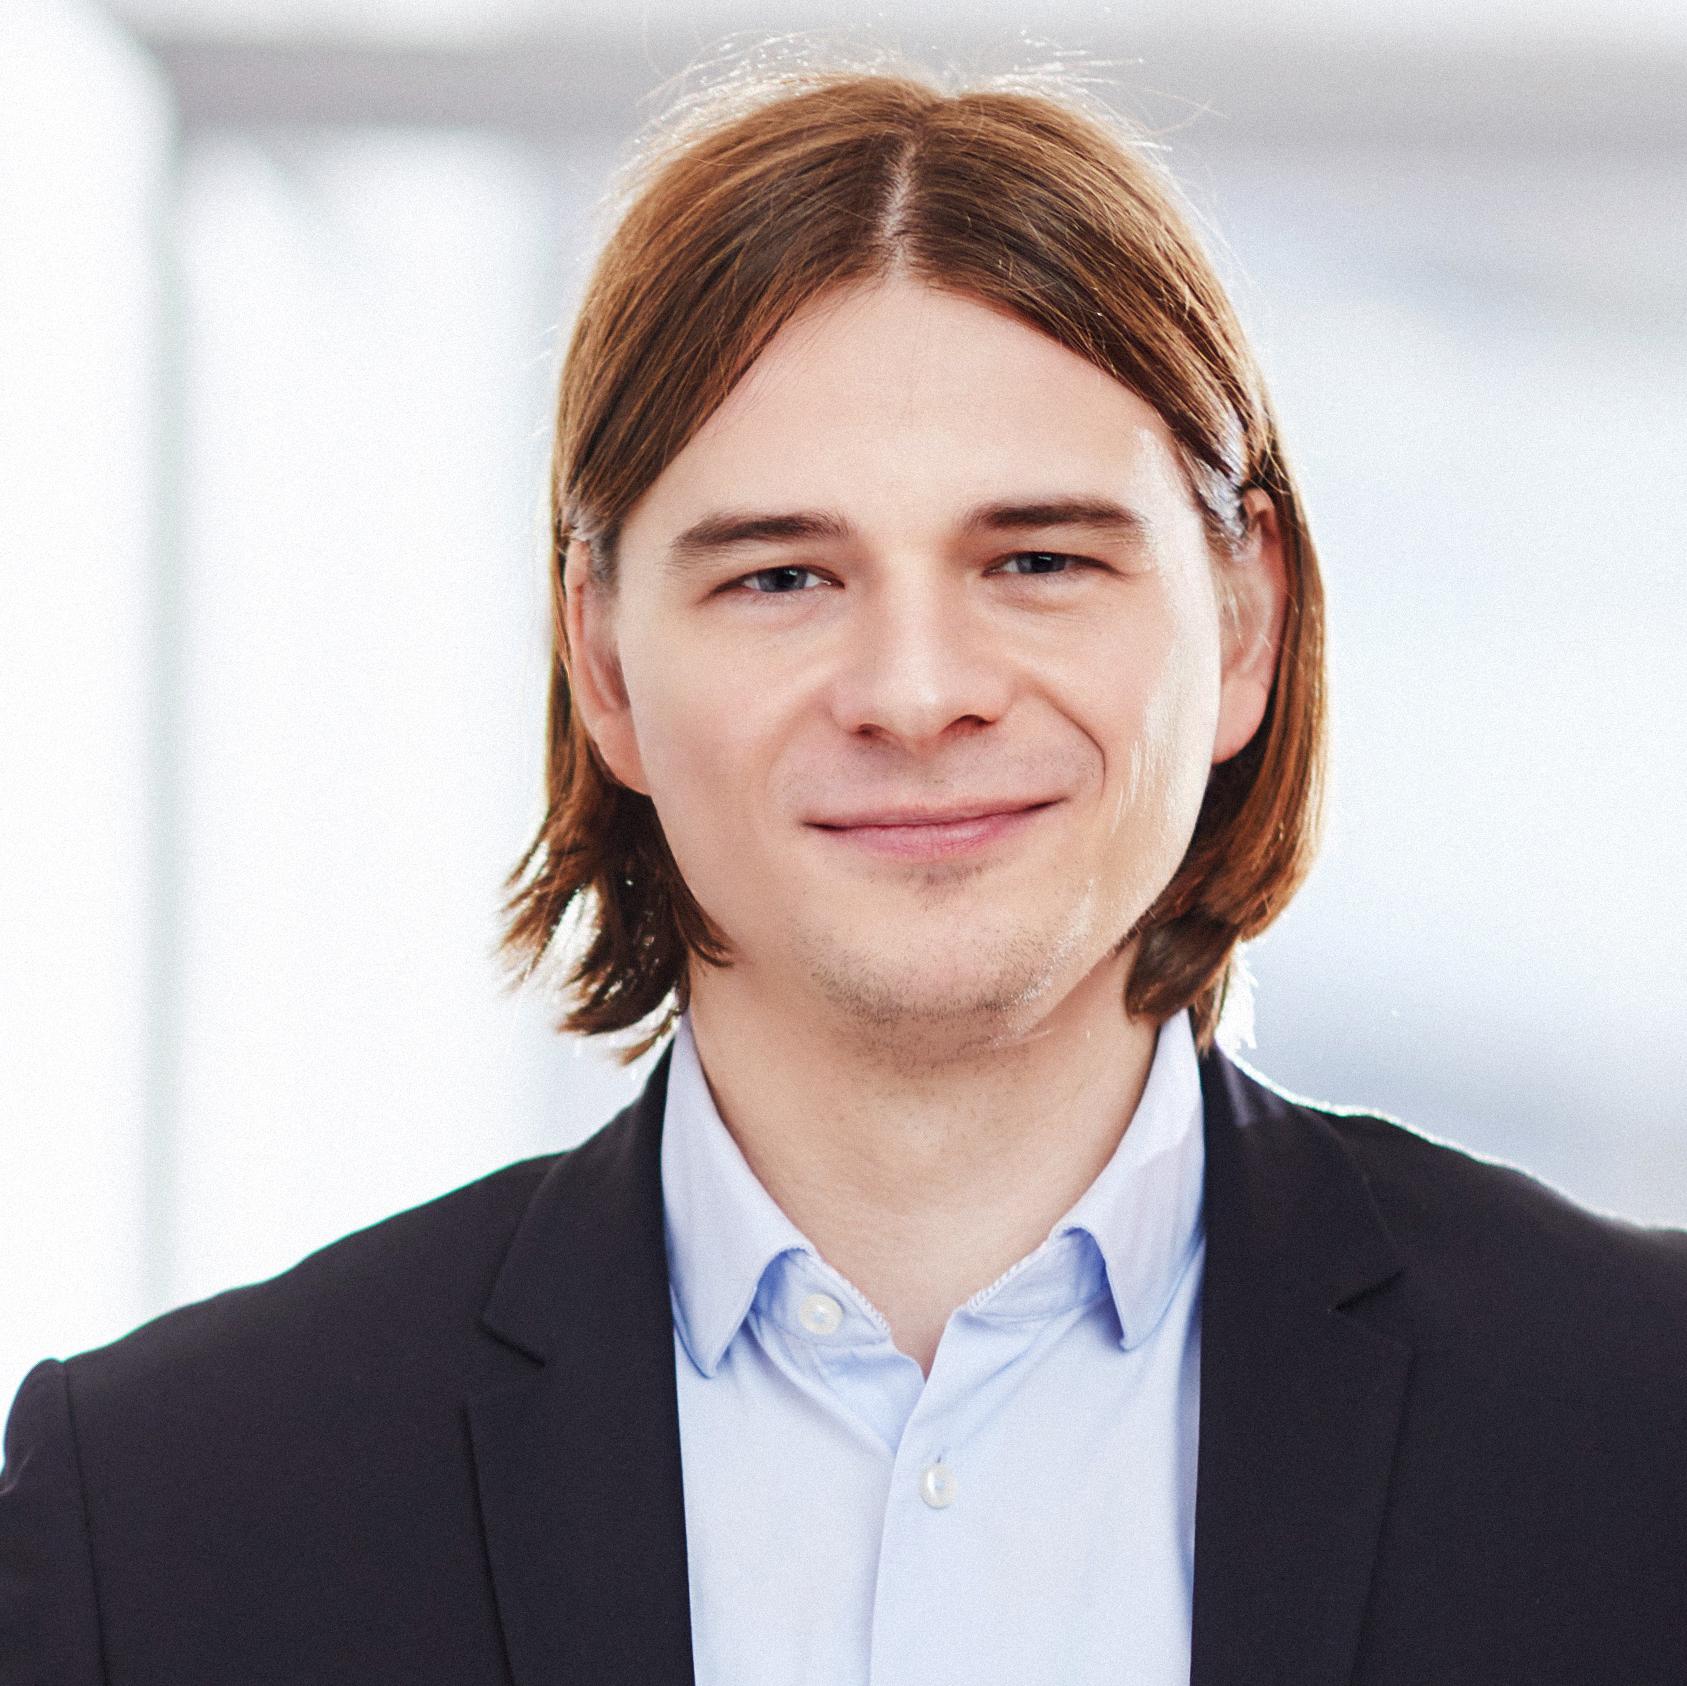 Timo Bittner